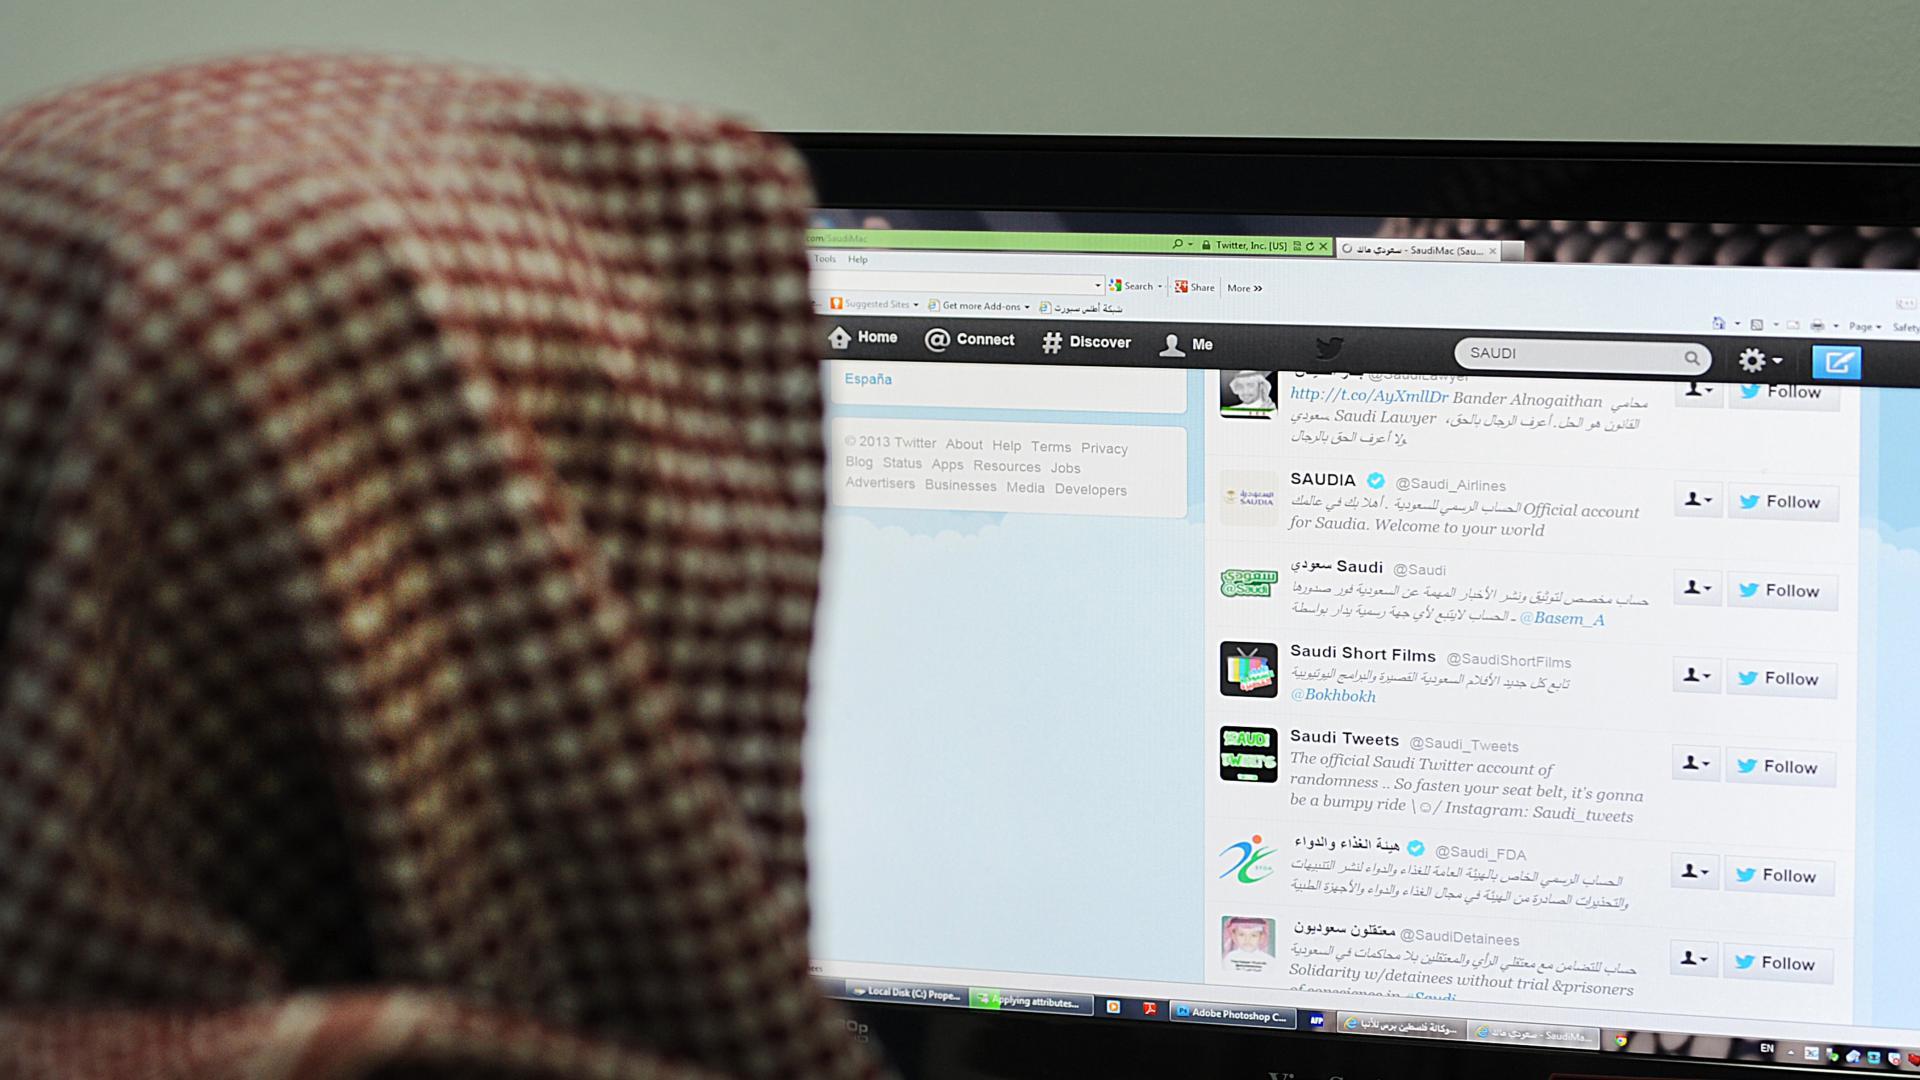 """منها حسابي نيزك ومعتقلي الرأي.. جدل واسع بعد """"كشف"""" الدول الموجهة لحسابات تعادي قادة السعودية.. وهذه طريقة كشفها"""